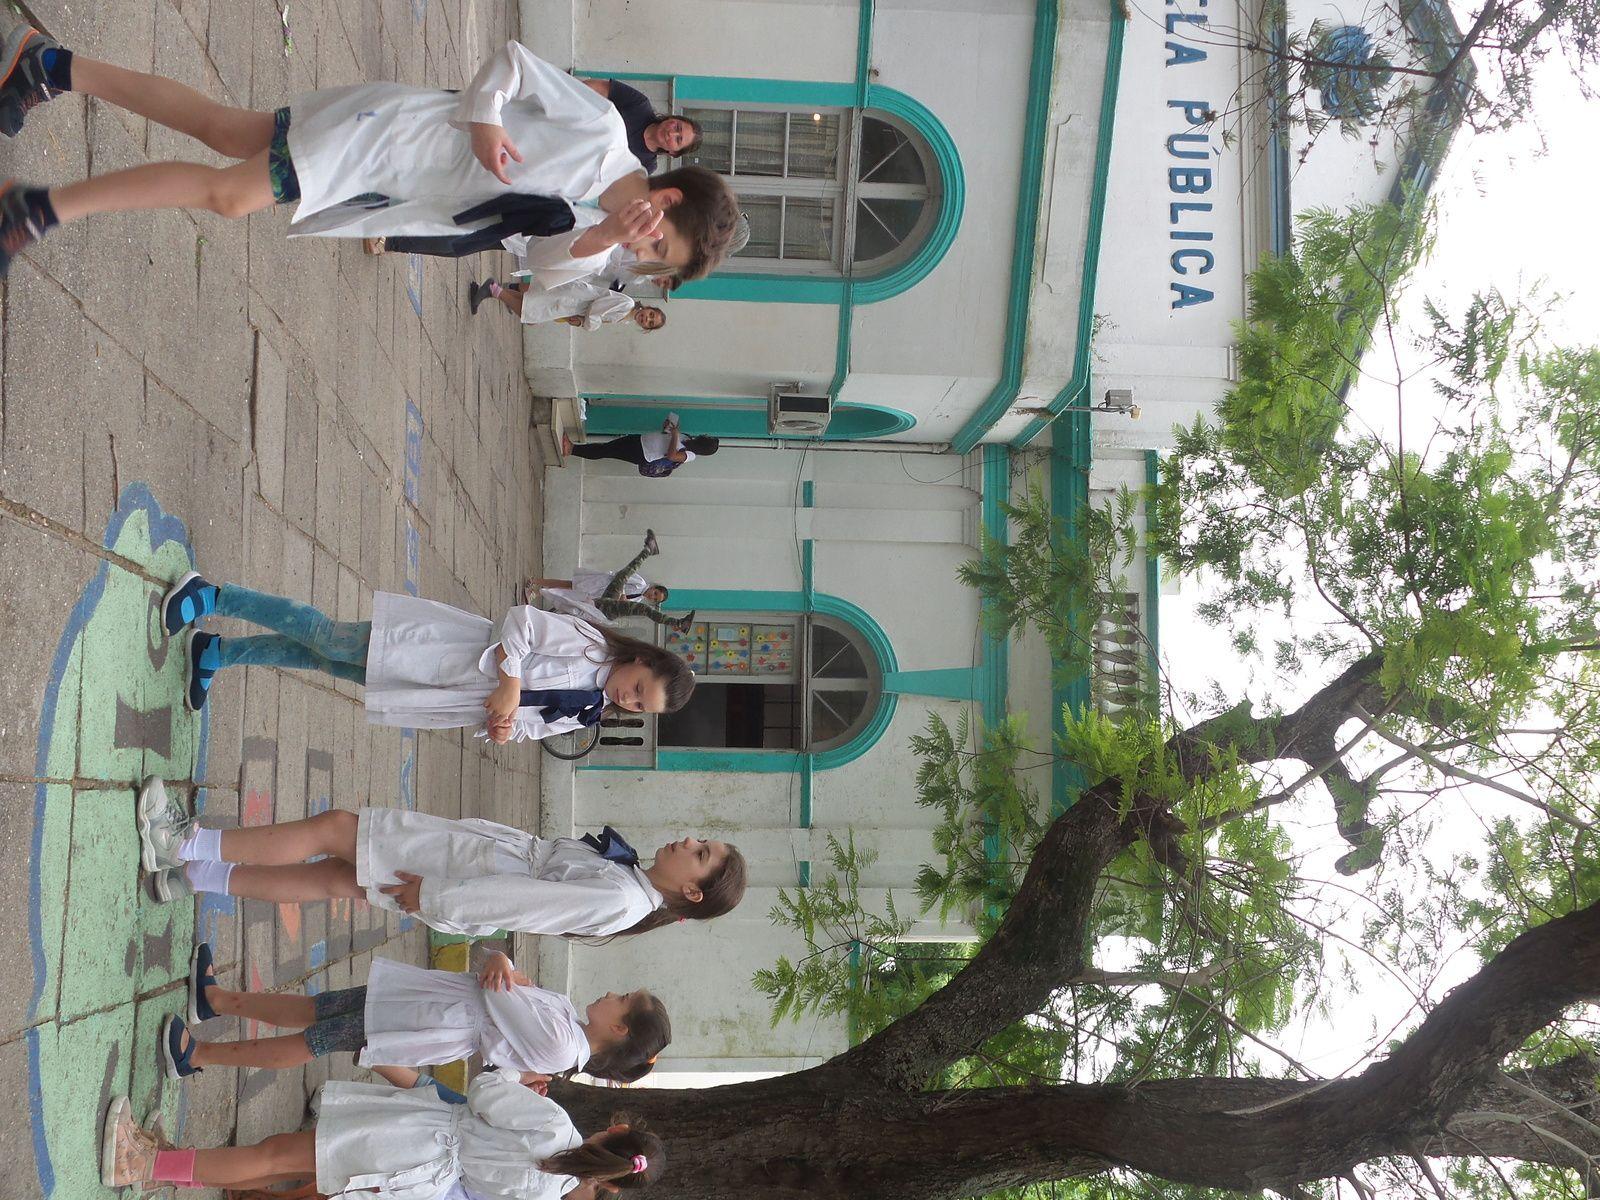 Les Écoliers en Uruguay portent tous la blouse blanche.